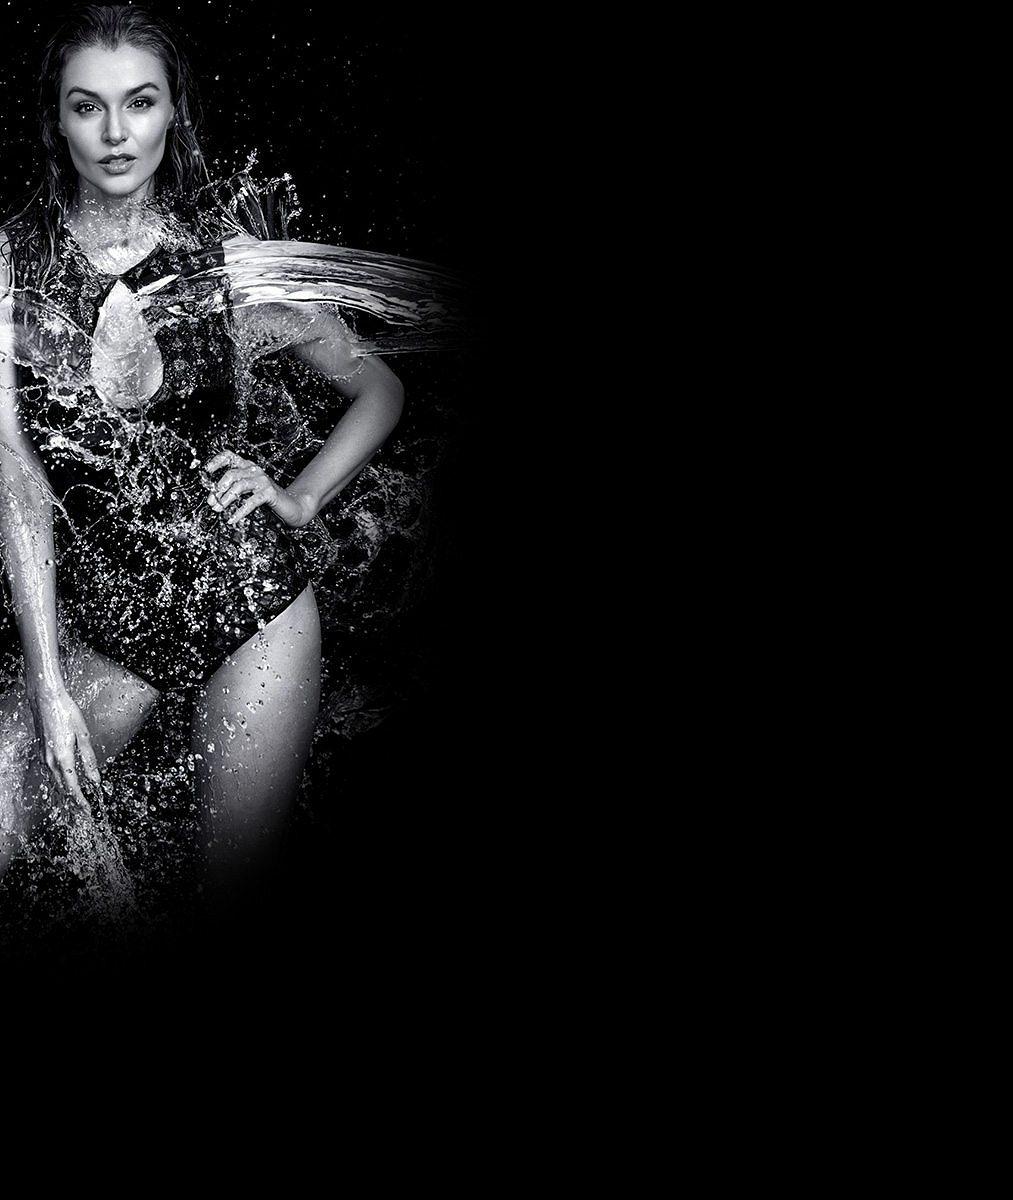 Podprsenka povinná nebyla: Mrkněte na jedenáct největších výstřihů České Miss